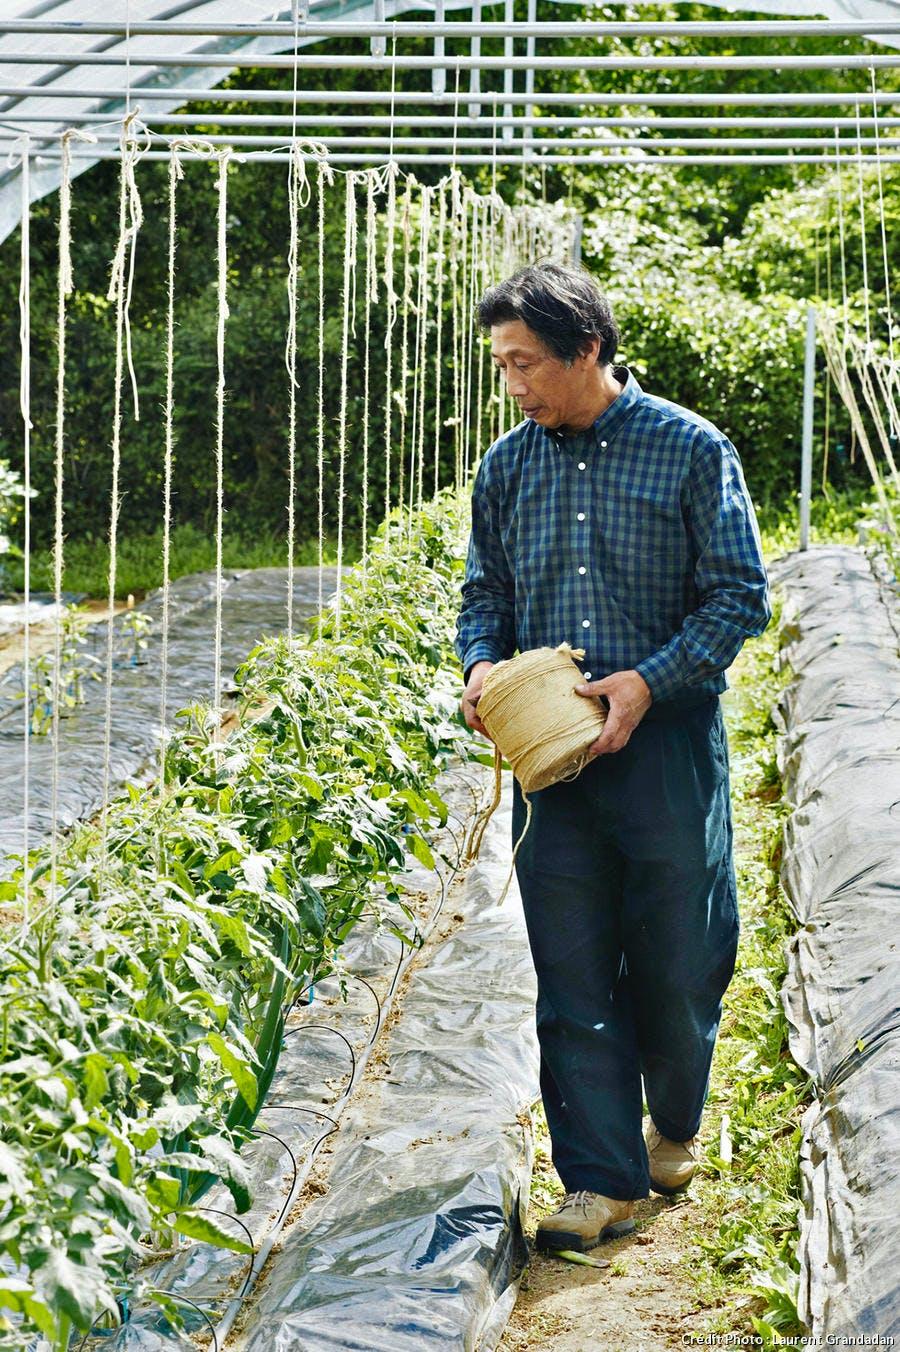 yamashita plants tomates